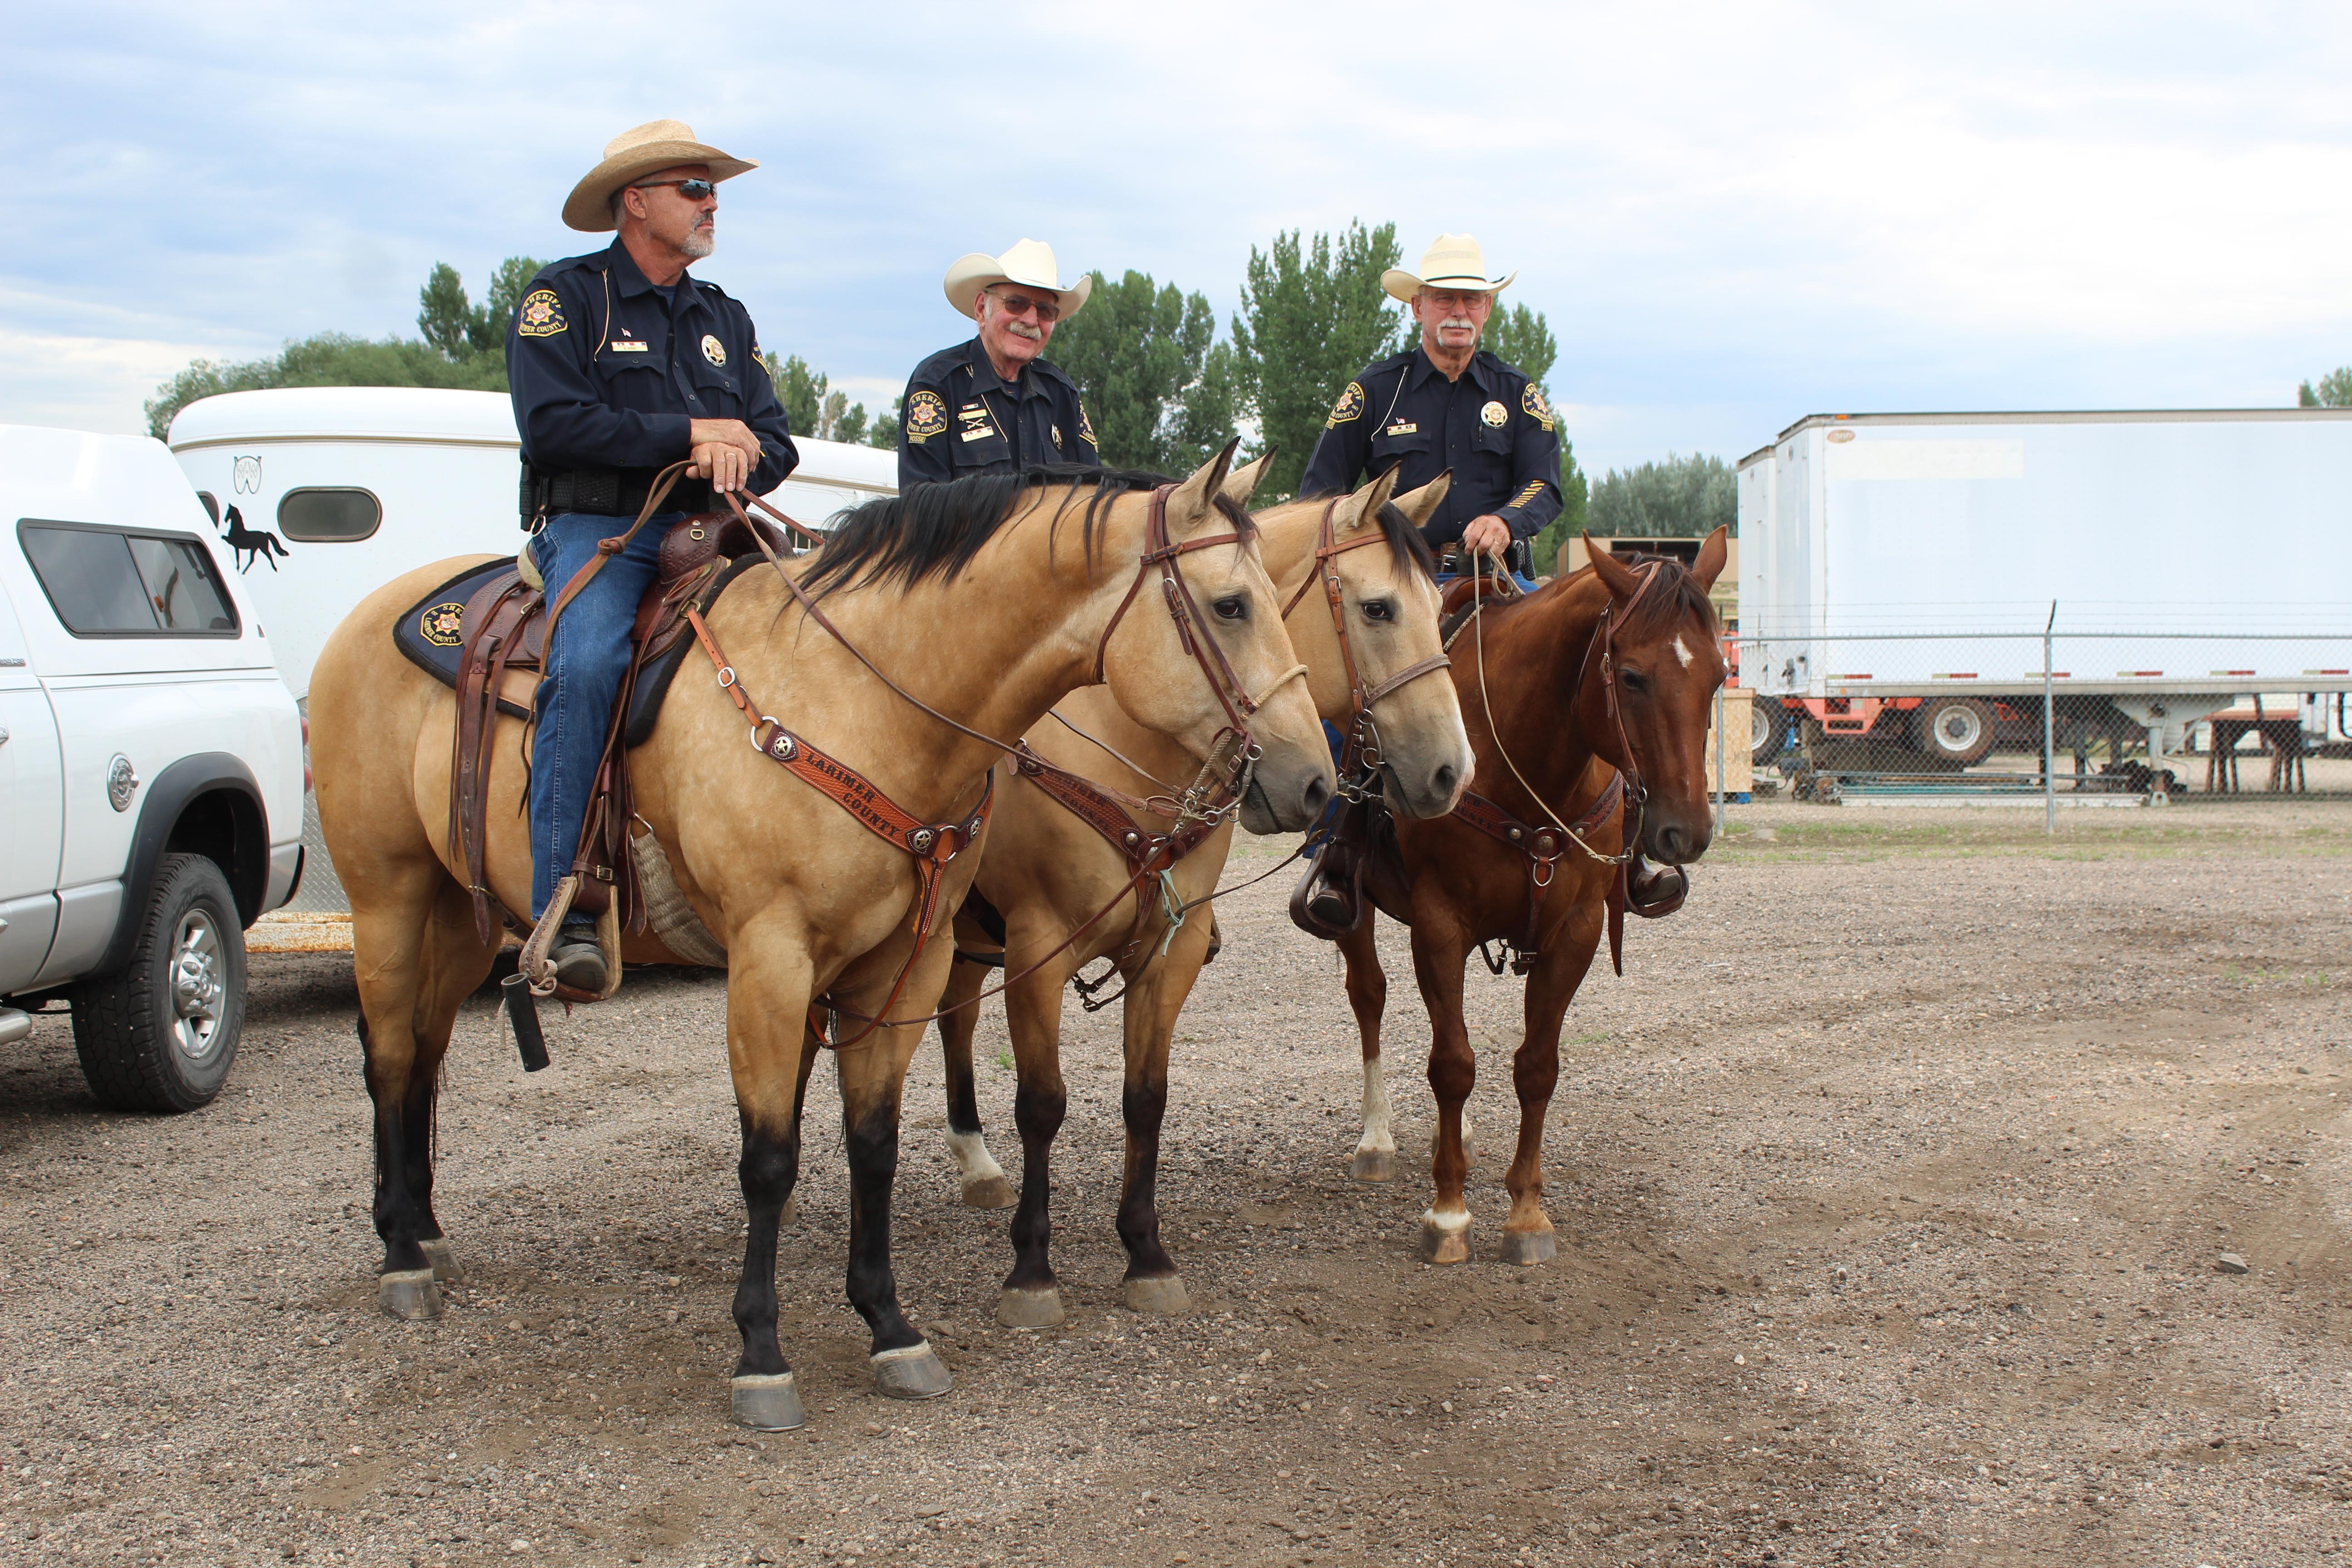 Imagen 18: Posse del Sheriff